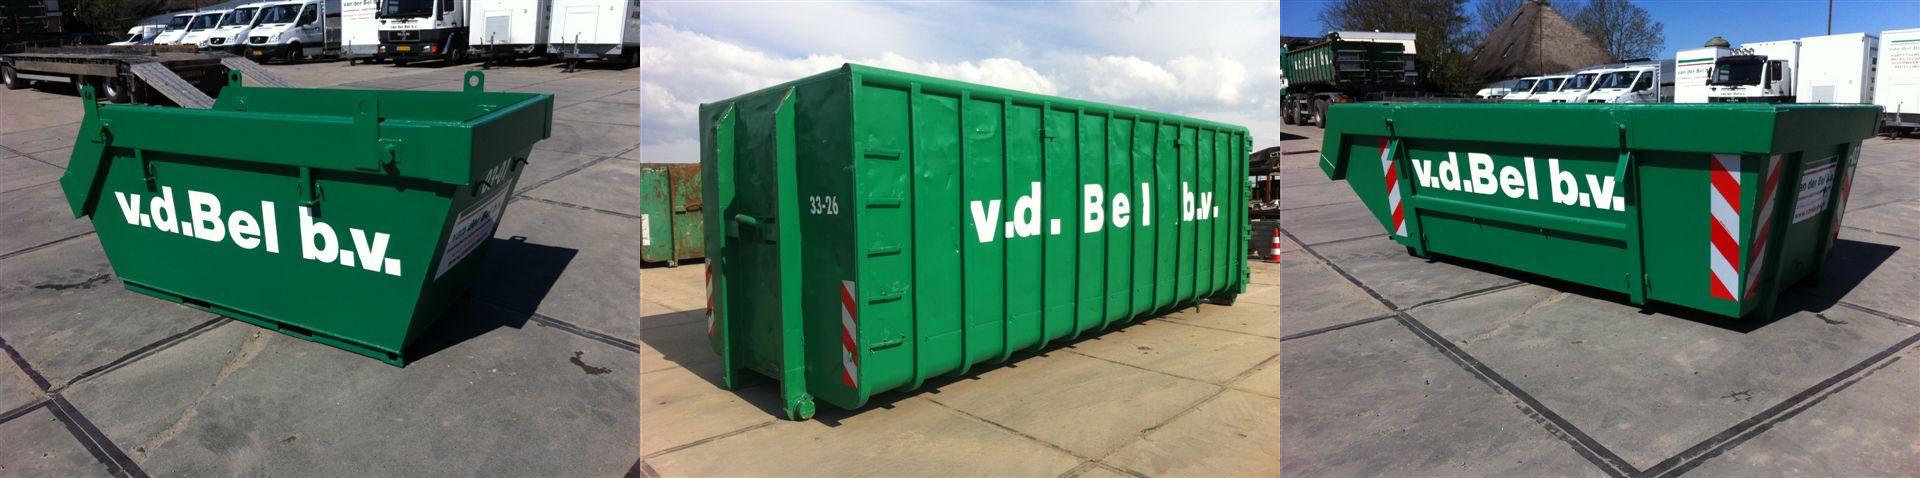 Container service Van der Bel